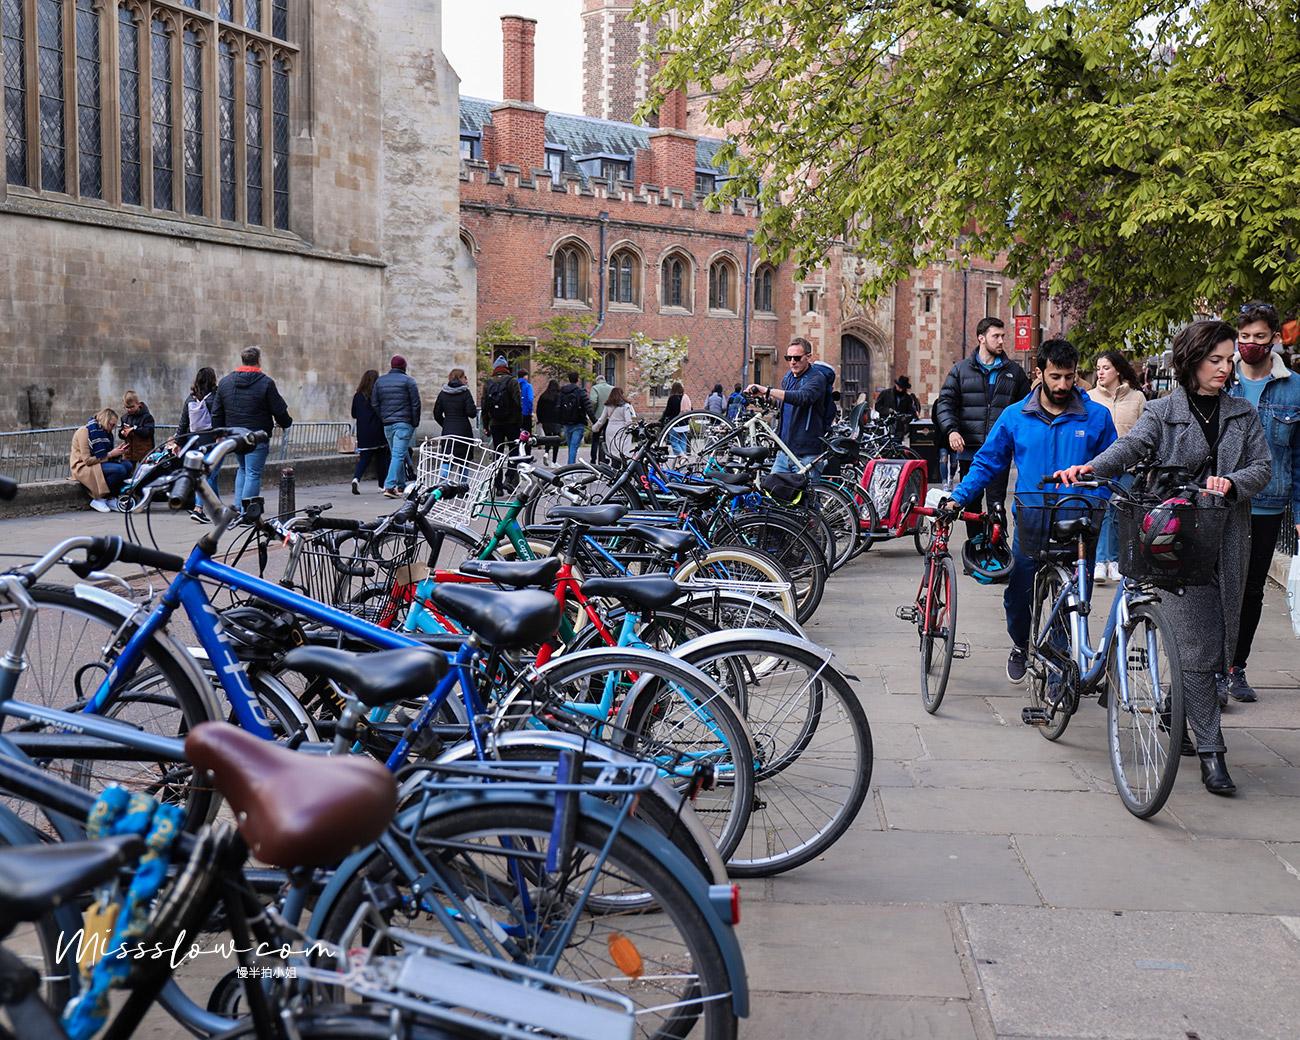 劍橋大學園區隨處可見的腳踏車